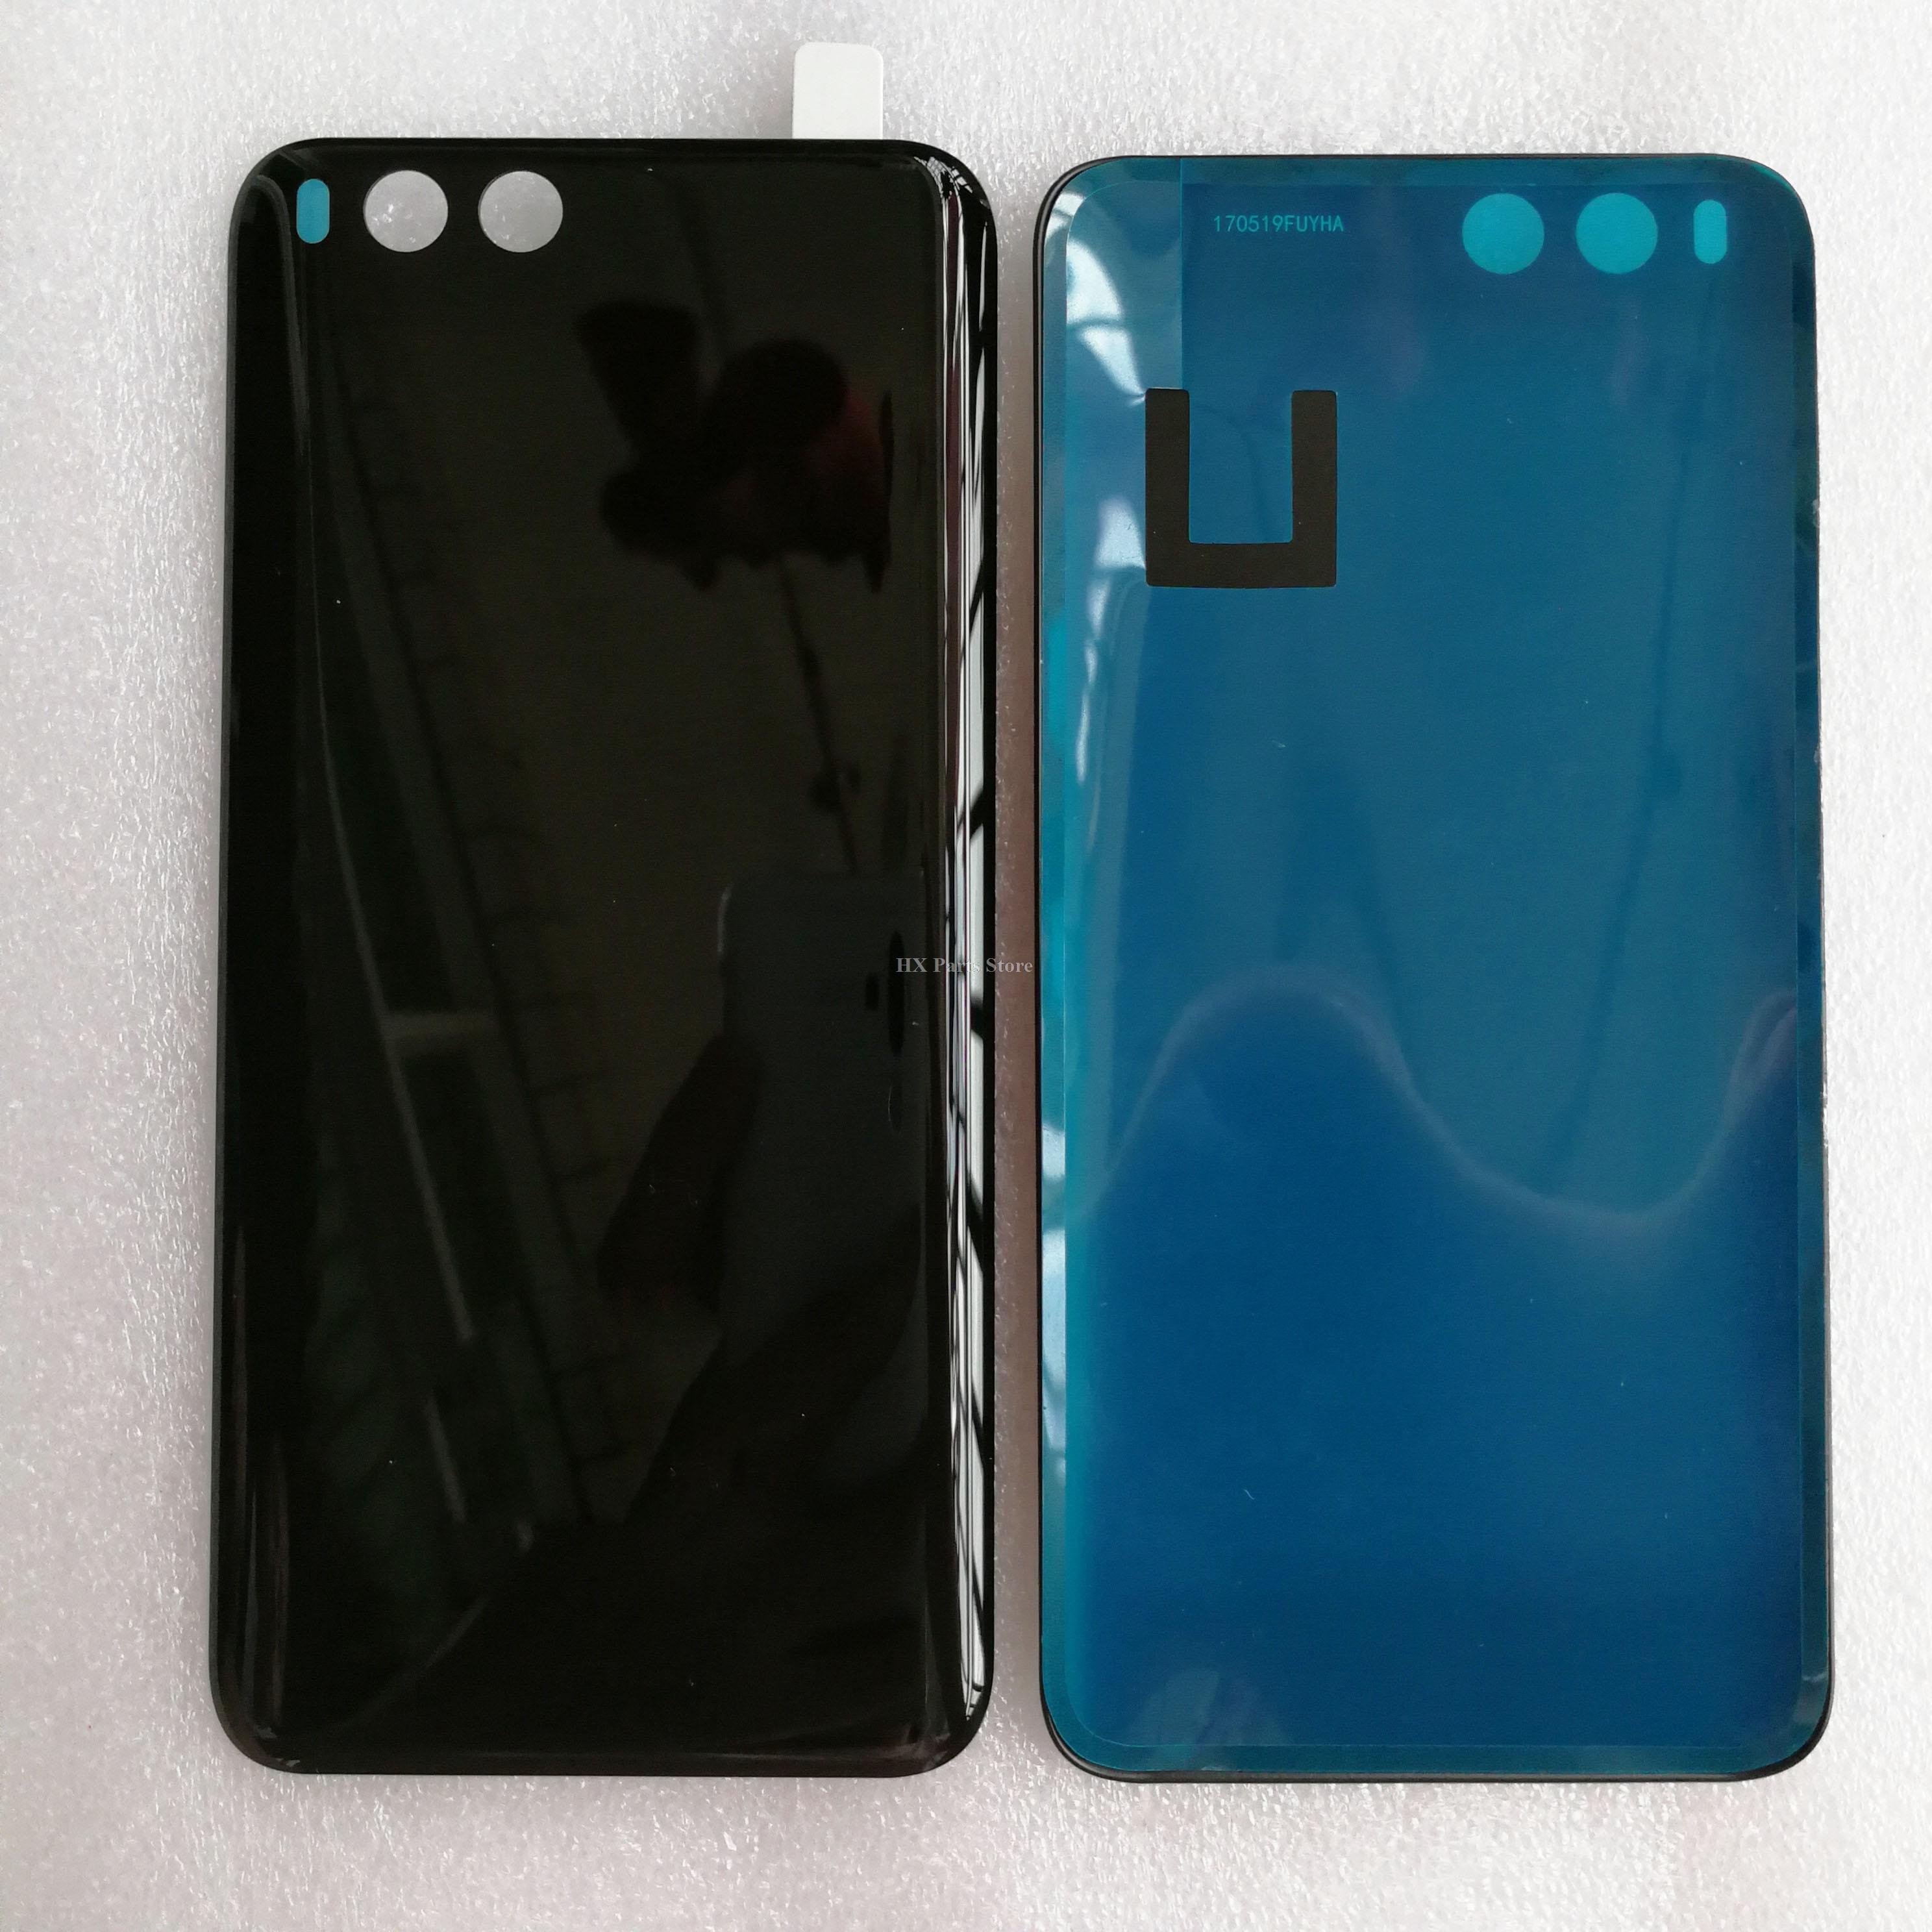 imágenes para Puerta Posterior trasera de la Cubierta Para Xiaomi Mi 6 6 M6 cubierta de Batería de Cristal Cubierta Trasera Caso de la Cubierta Negro/Blanco/azul